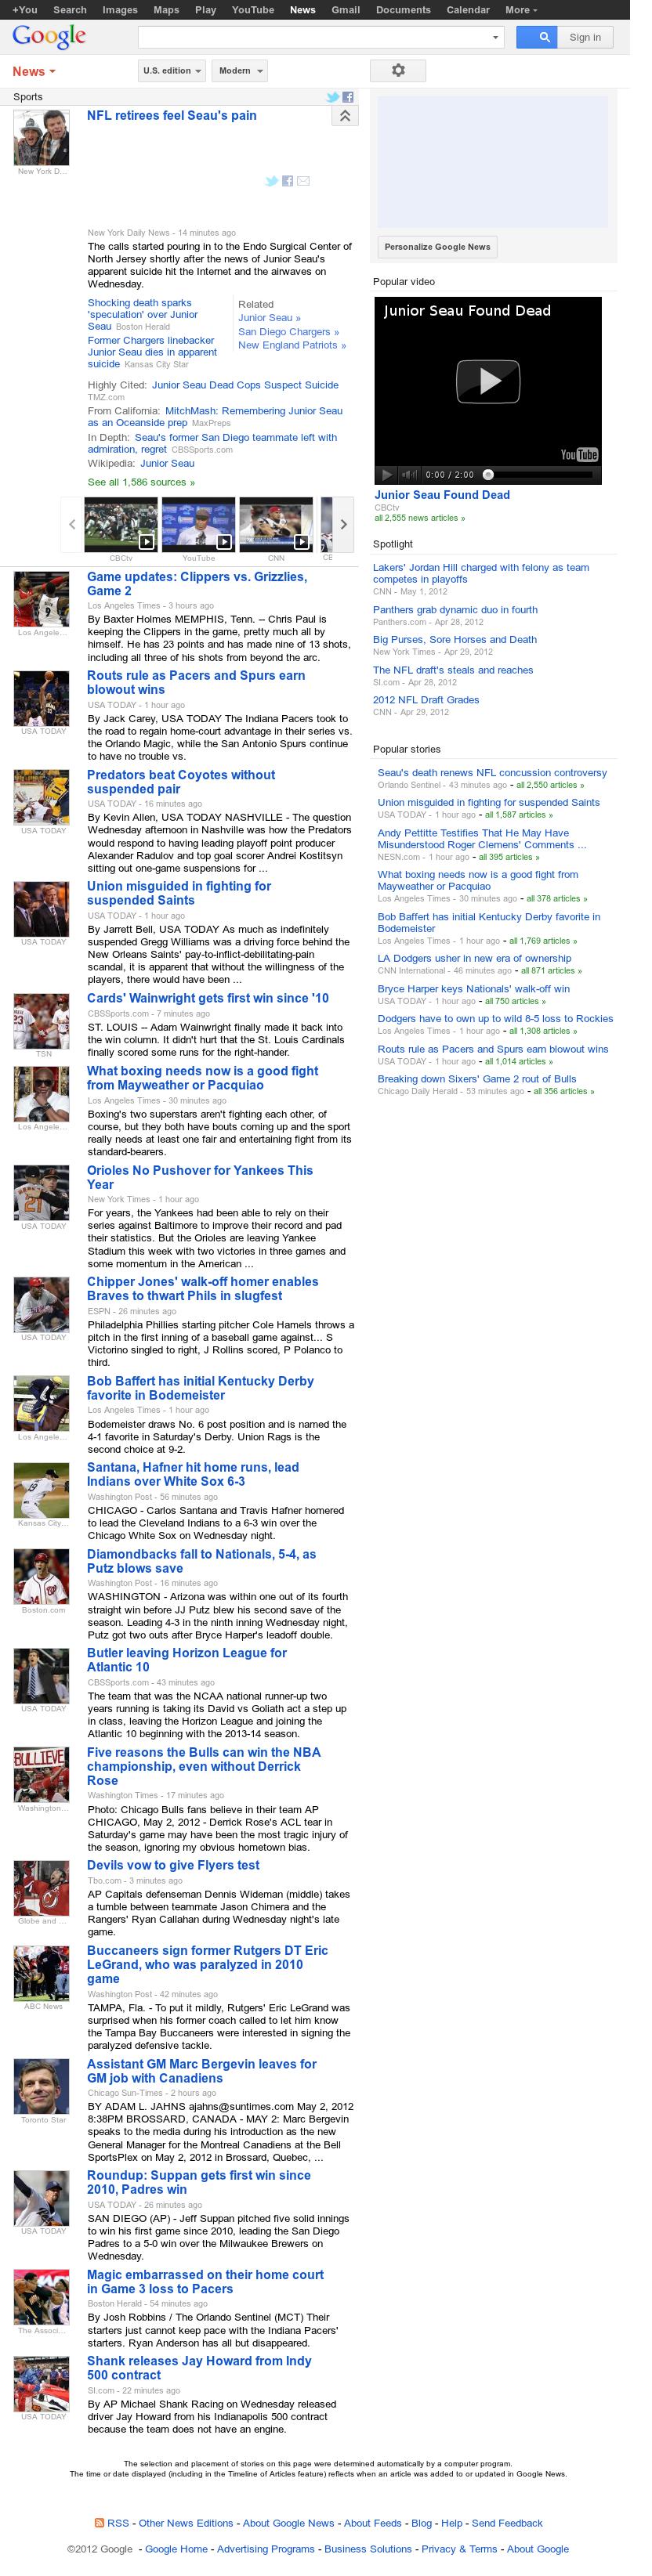 Google News: Sports at Thursday May 3, 2012, 4:09 a.m. UTC